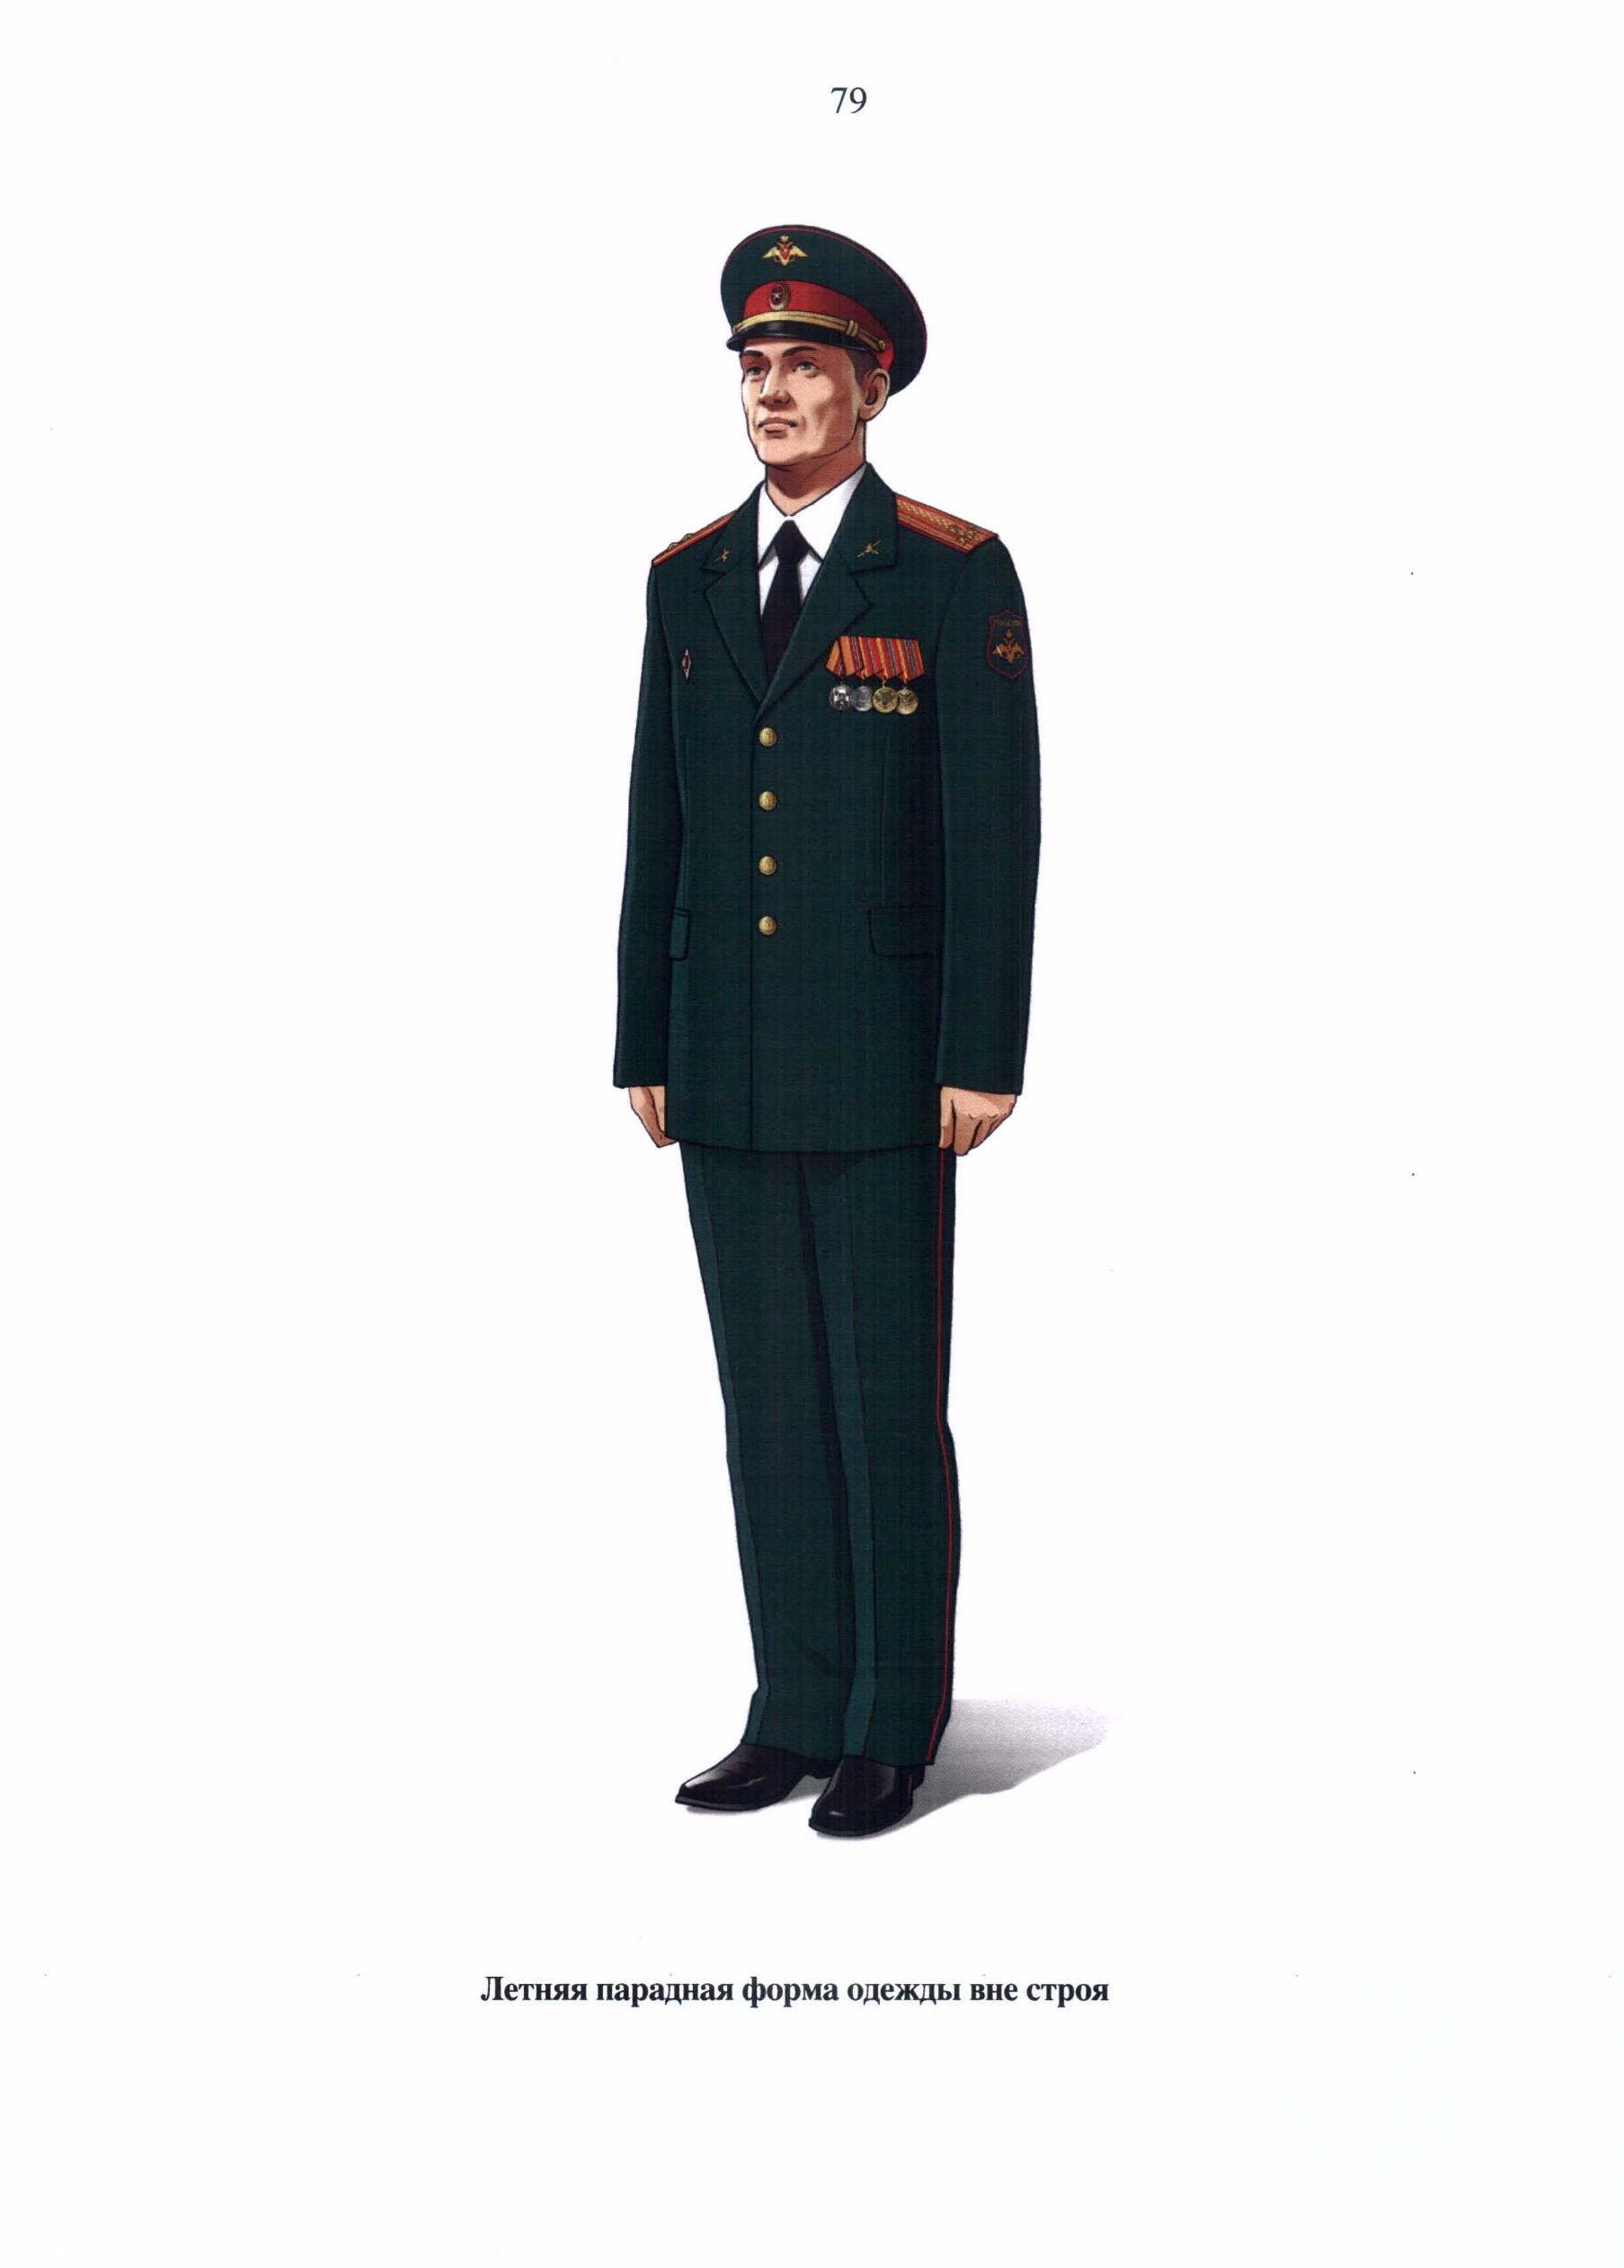 C:\Users\User\Desktop\Приказ МО РФ от 22.06.2015 г. № 300 Правила ношения военной формы одежды\175955.JPG